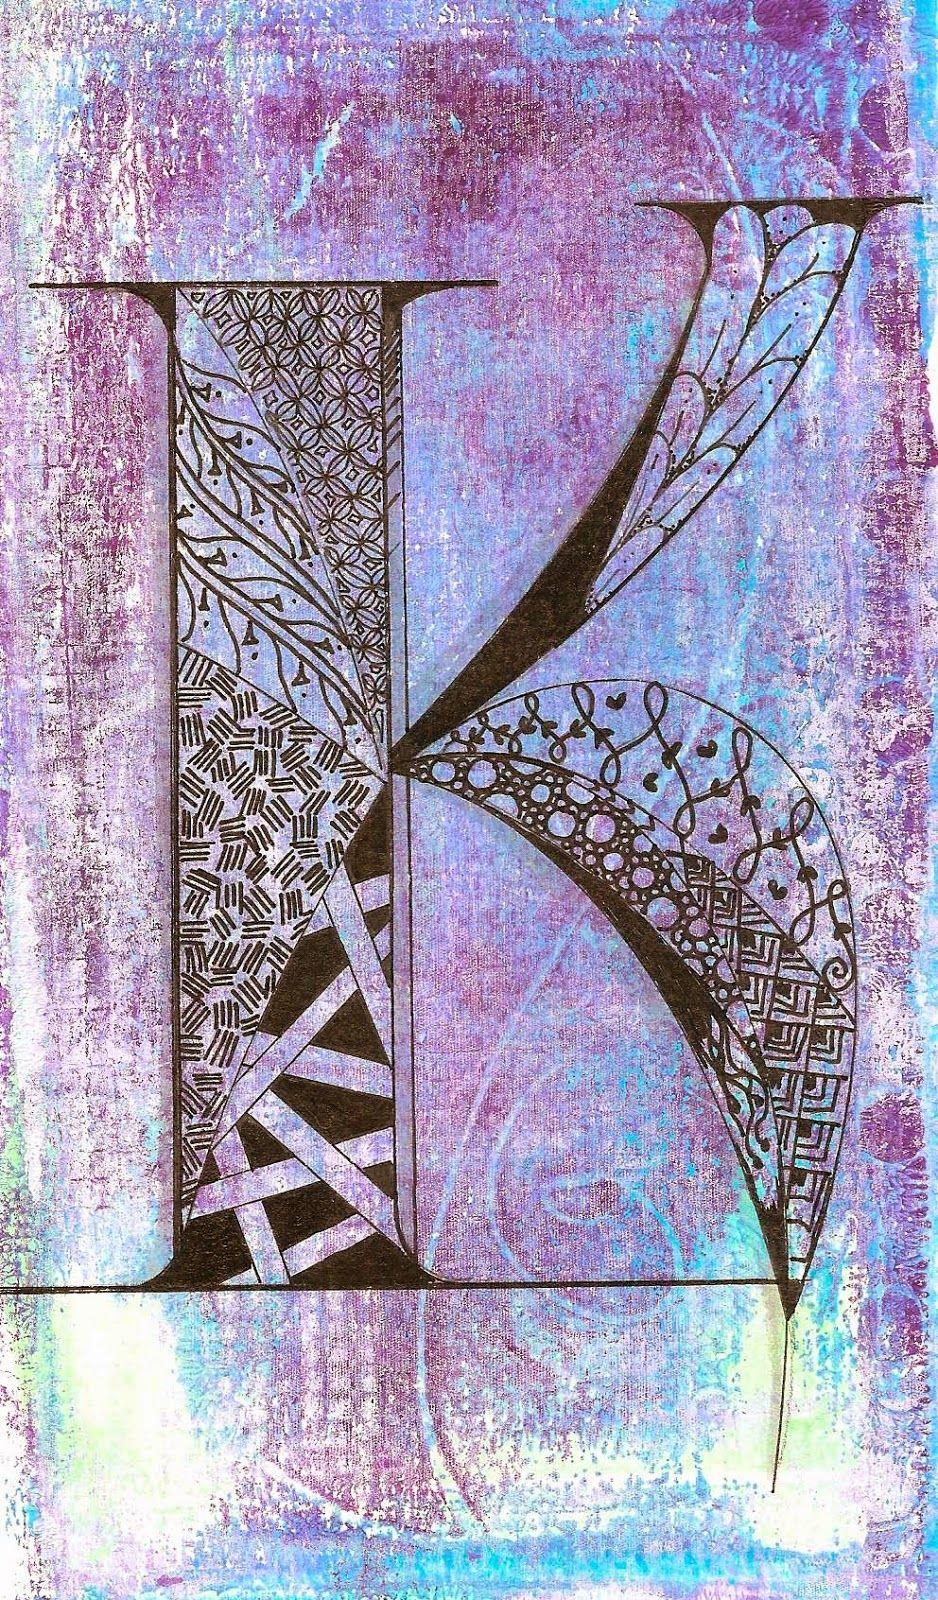 Crafty Leslie's Blog: Print Making & Zentangle Doodles